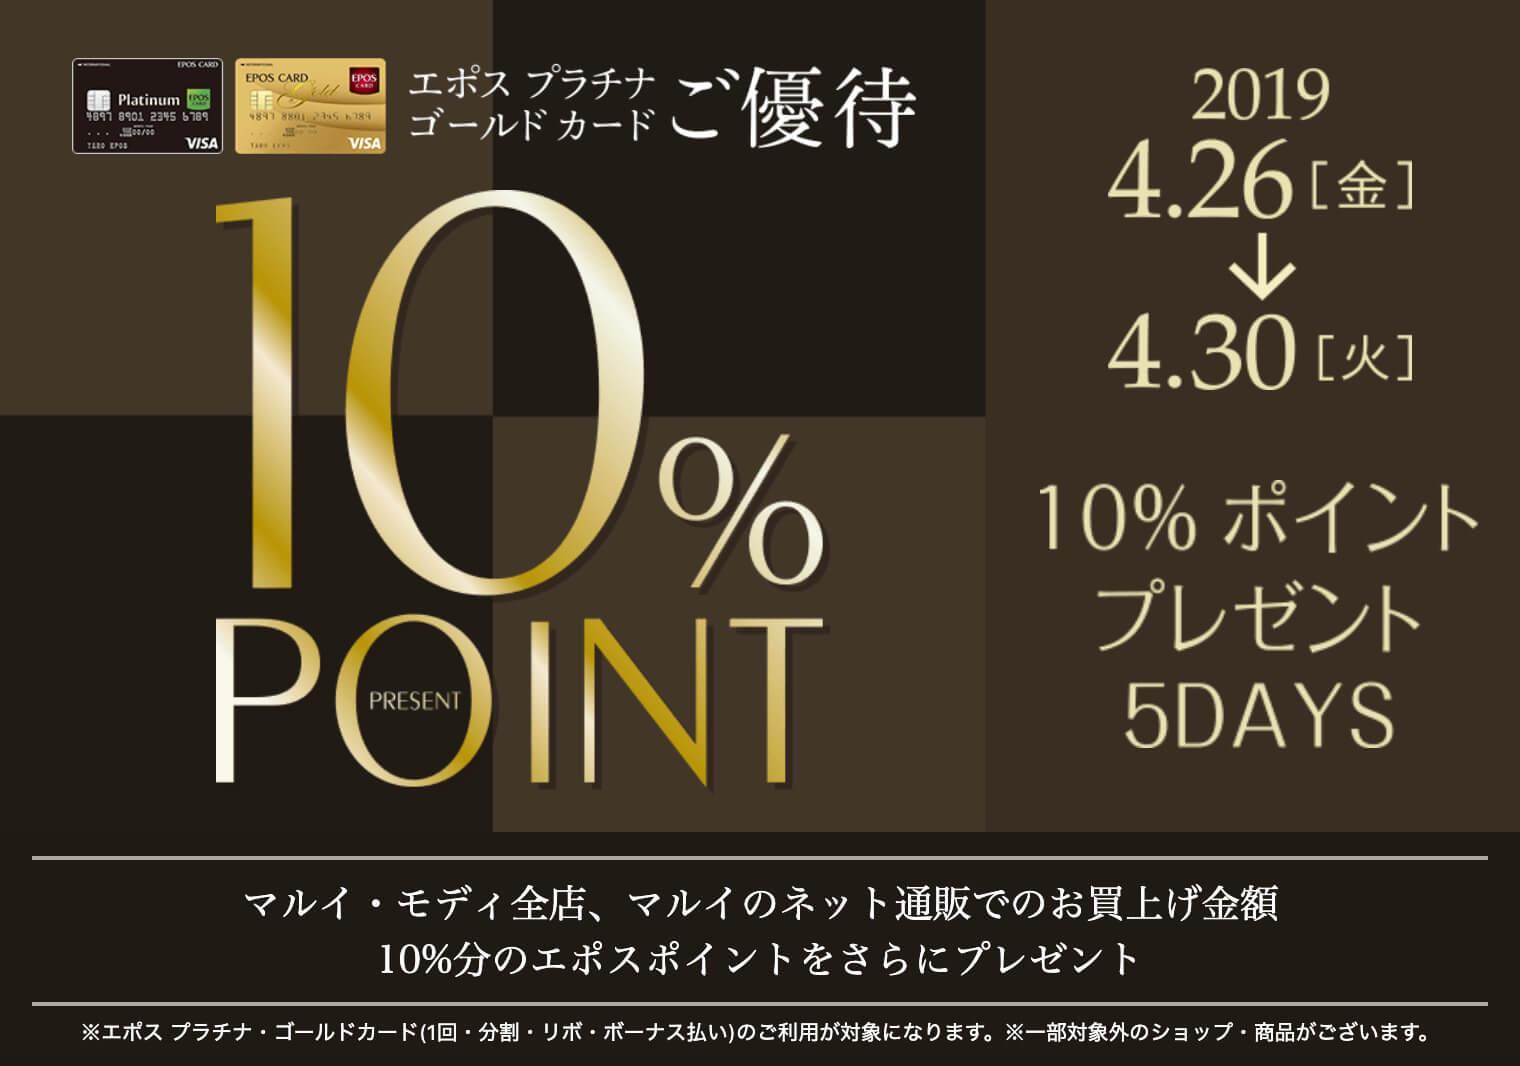 エポス プラチナ・ゴールドカードご優待 20190426-30